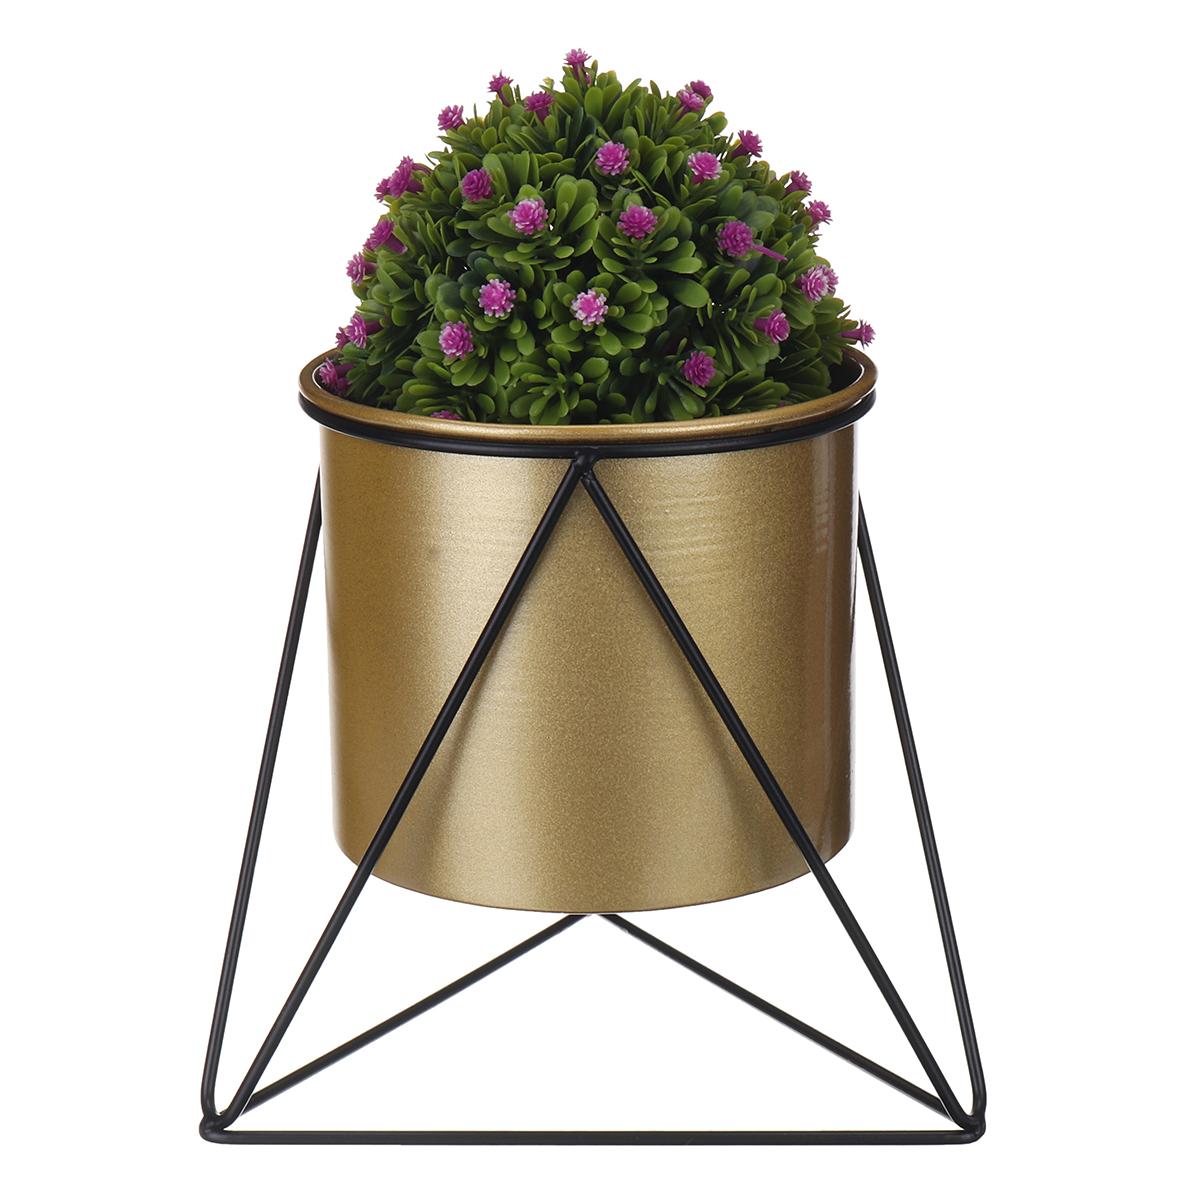 Metal Flower Pot Stand Indoor Outdoor Garden Balcony Desktop Plant Rack Iron Flower Pot Shelf Home Office Decoration